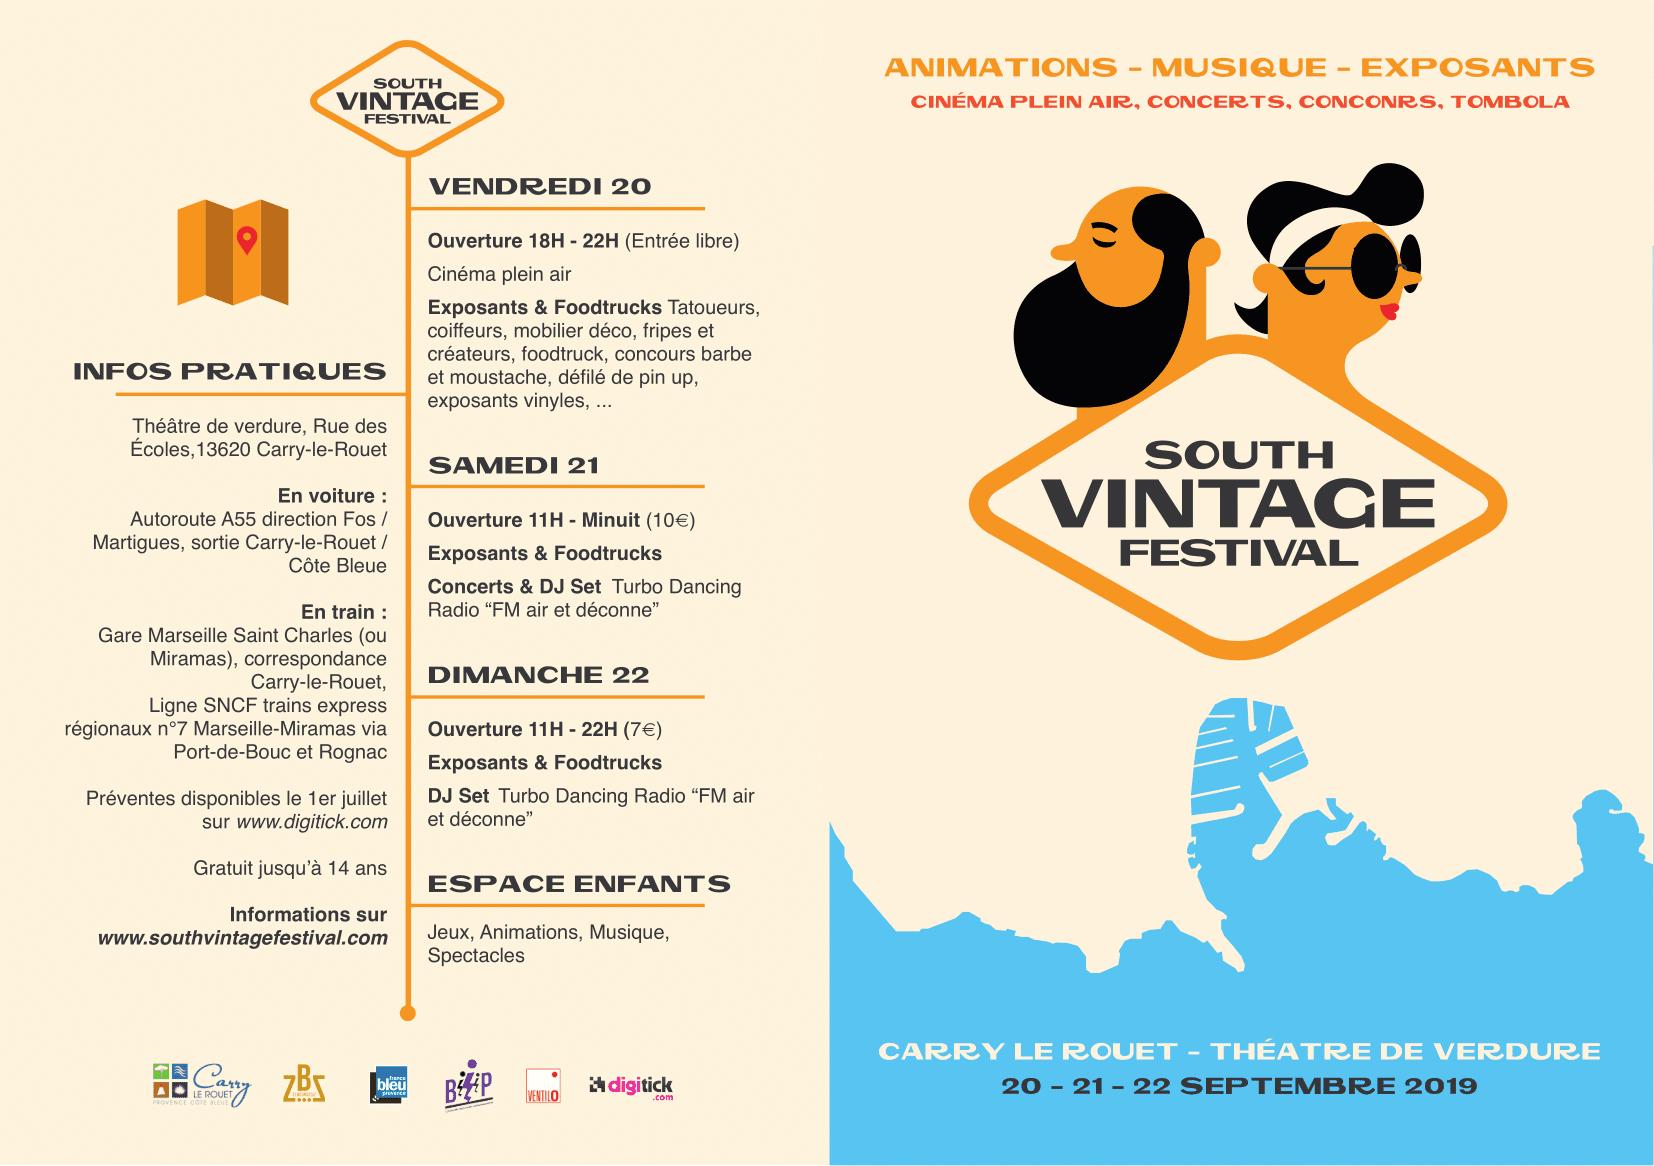 flyer-south-vintage-festival-carry-le-rouet